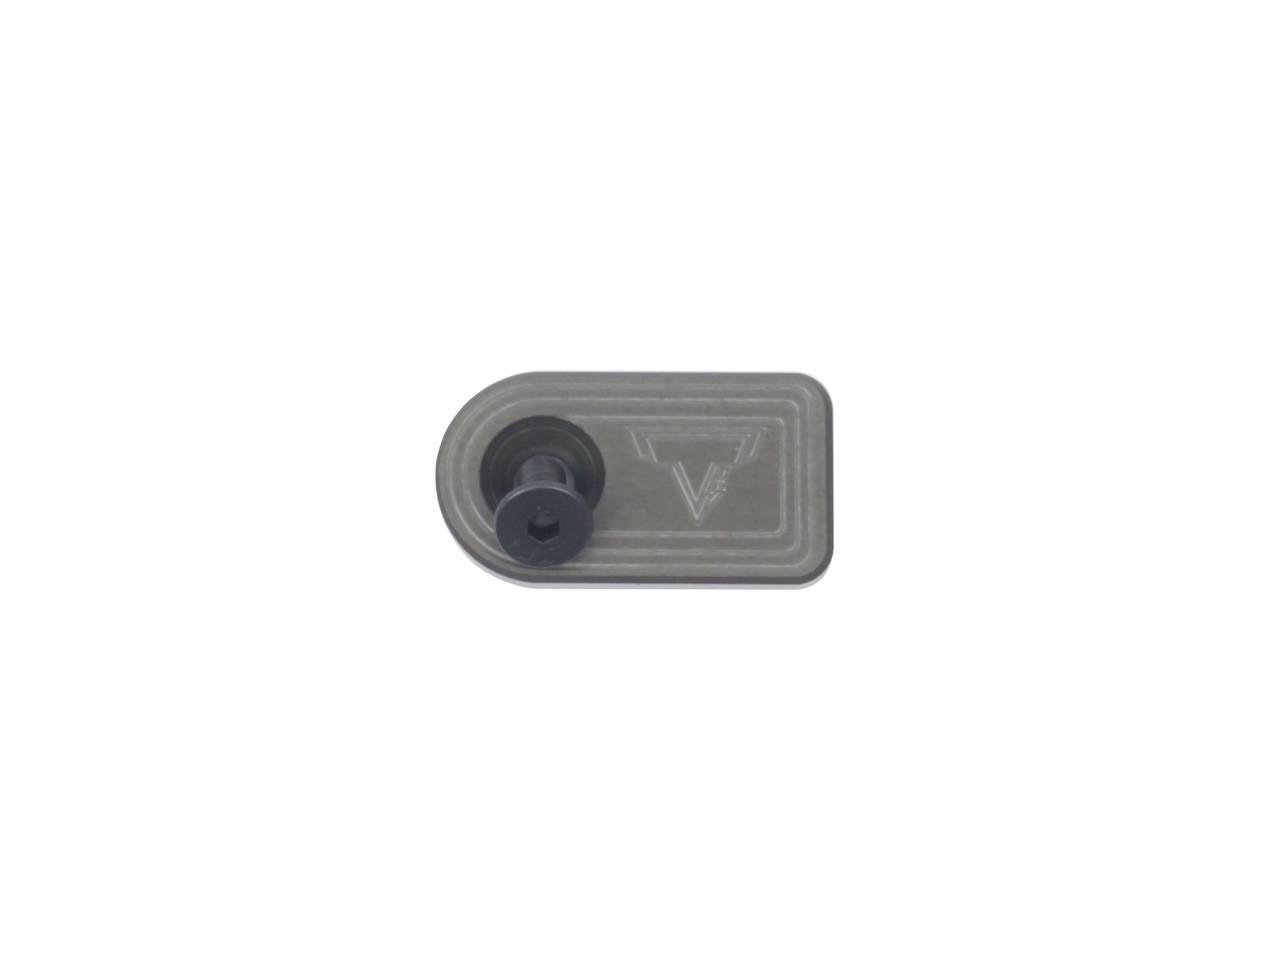 Taran Tactical TTI Benelli Oversize Bolt Release - Titanium Grey